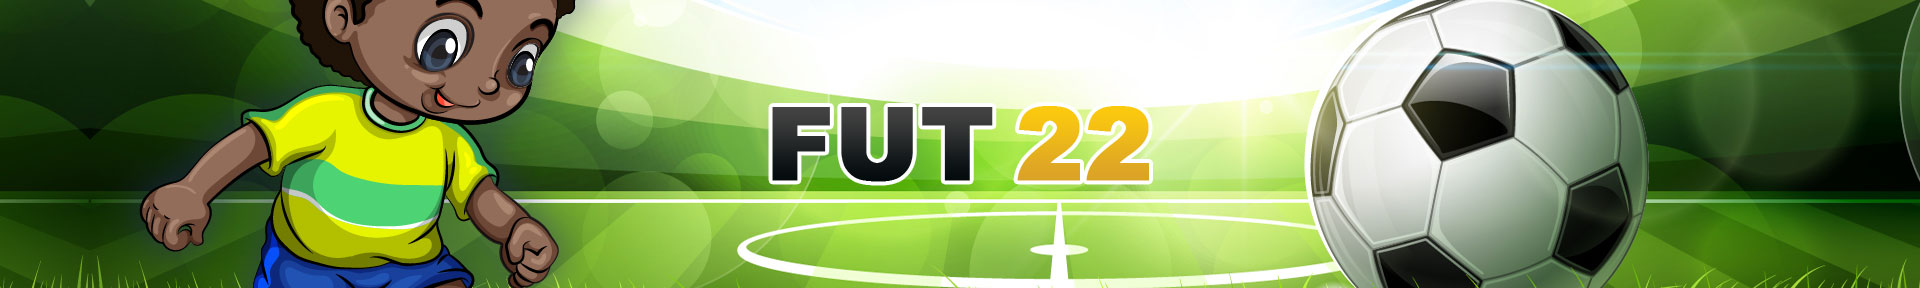 FUT 22 Coins Player Auction